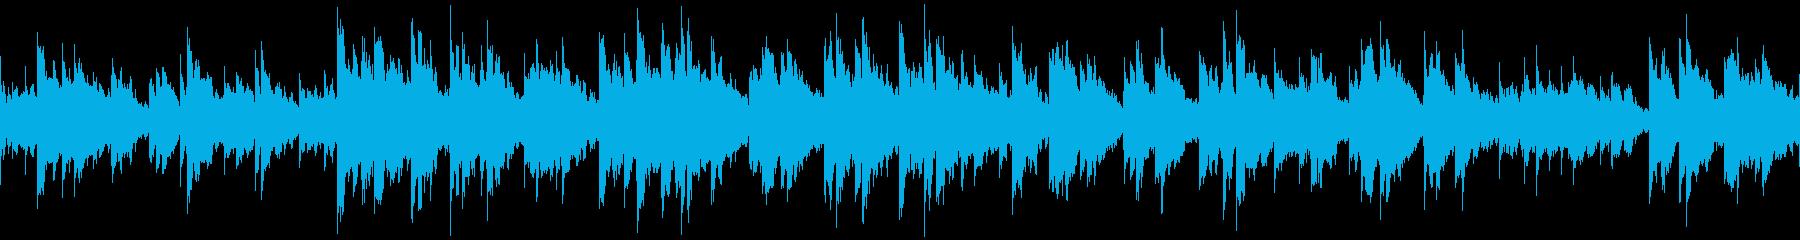 ゲームオーバー 不気味なオルゴールの再生済みの波形